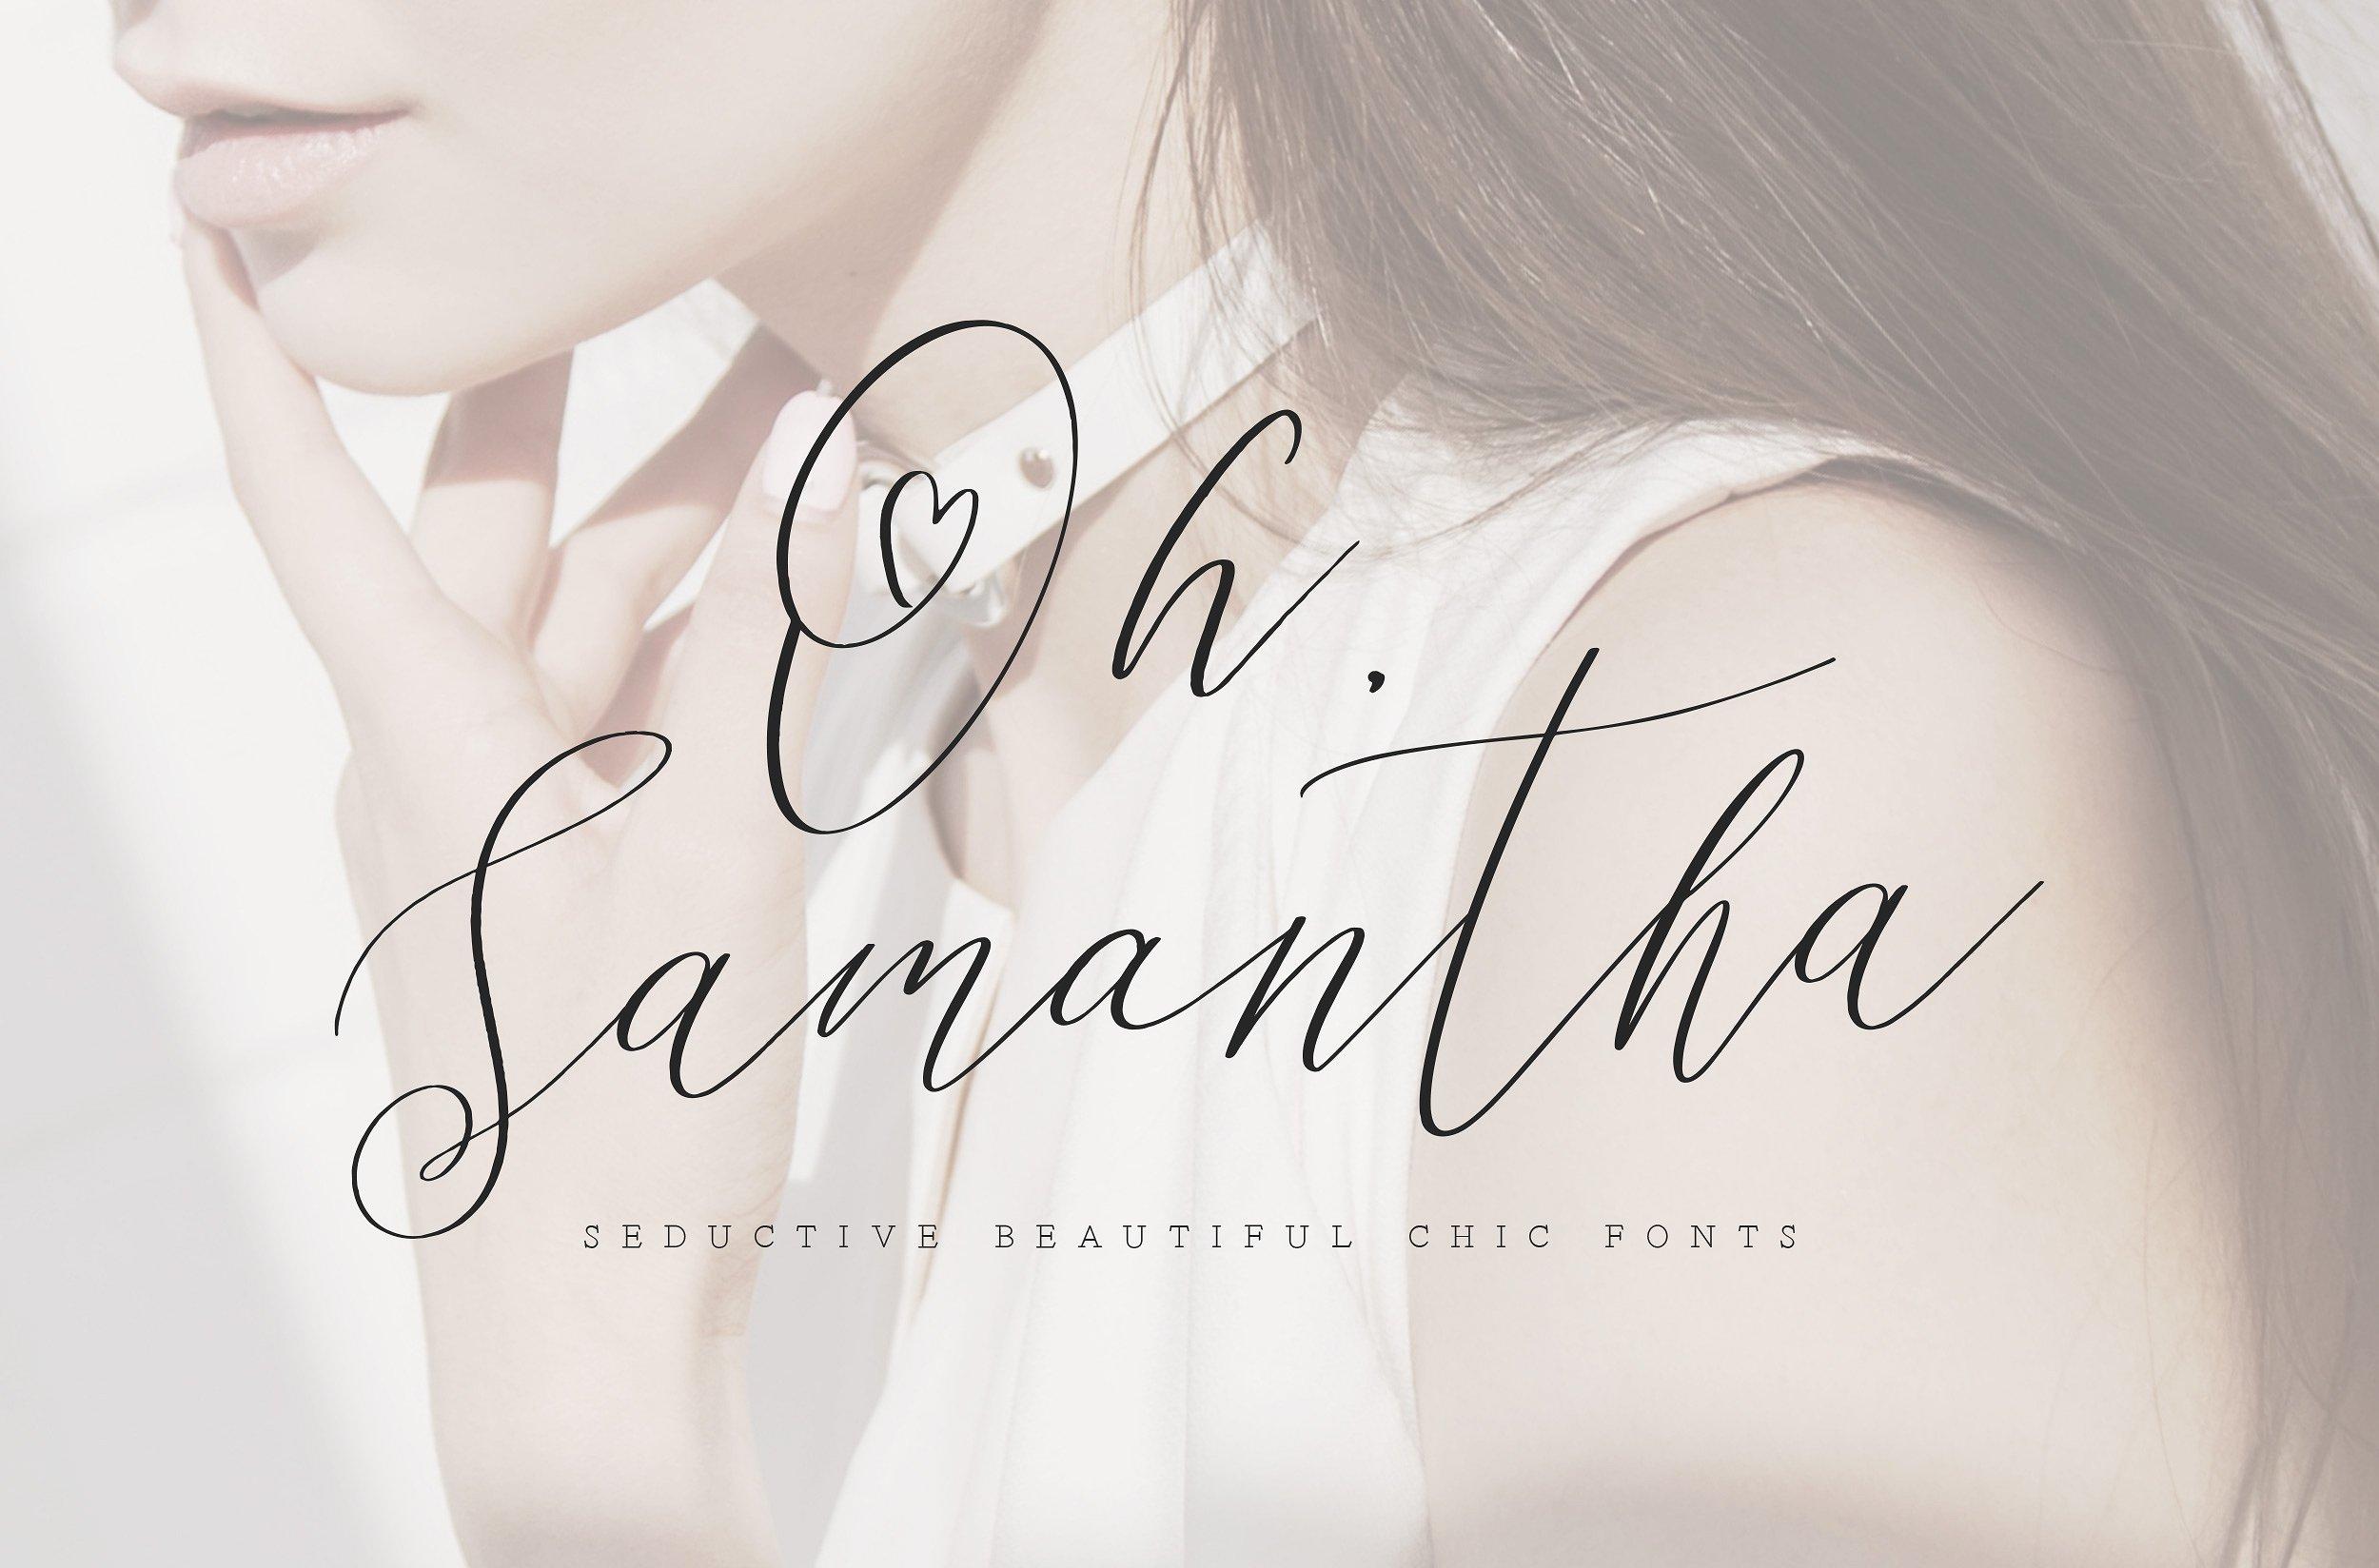 Oh Samantha